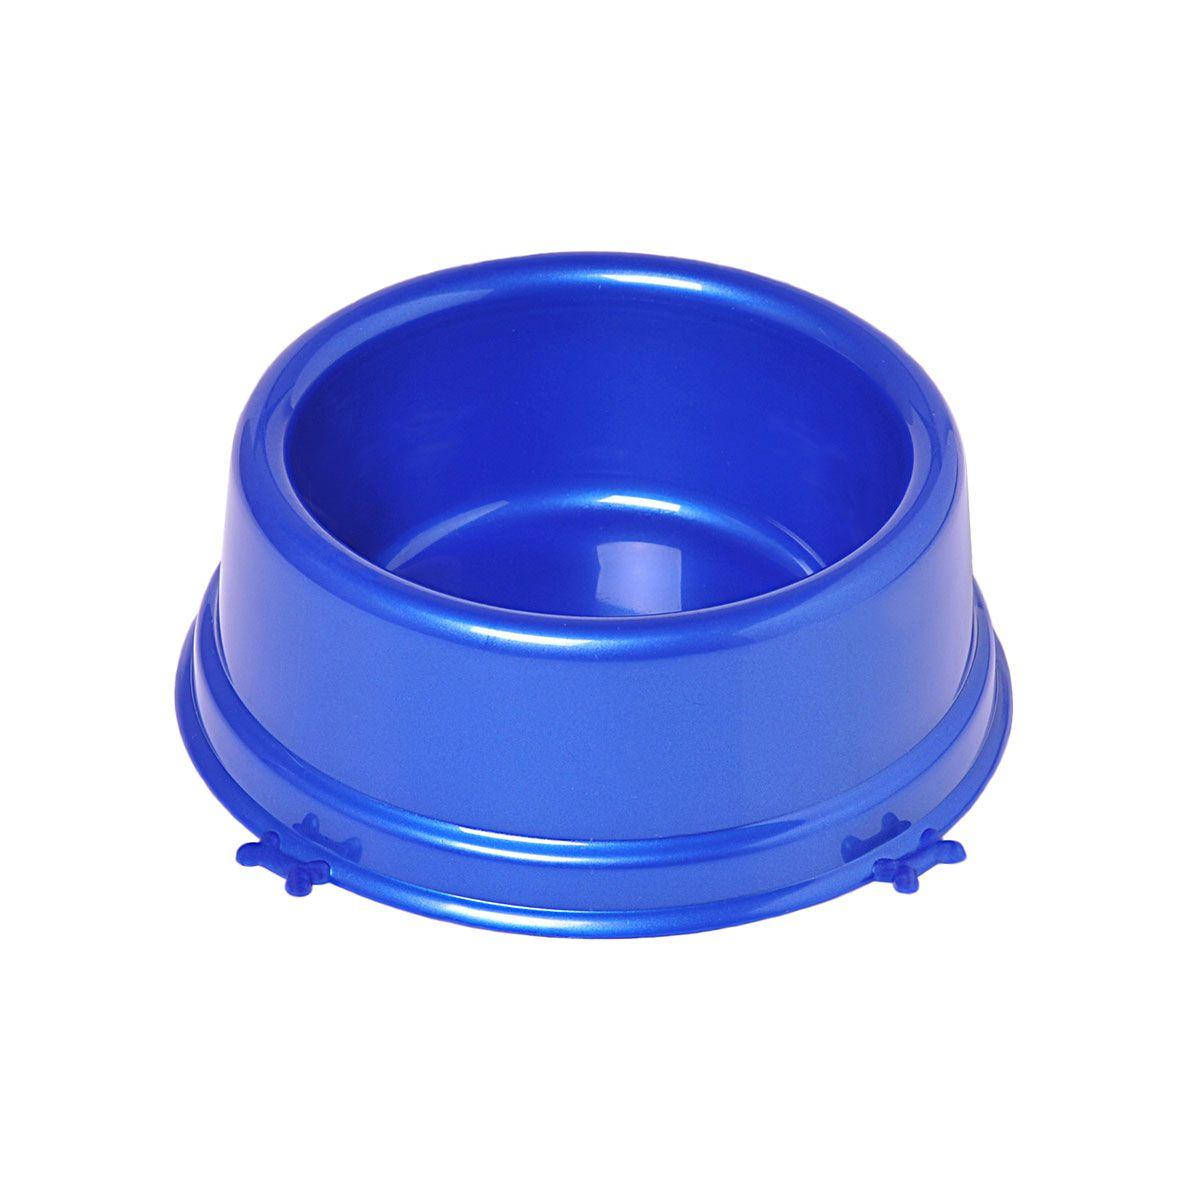 Comedouro Christino Caes Perolizado Pequeno 550 Ml Azul Embalagem 5 unidades